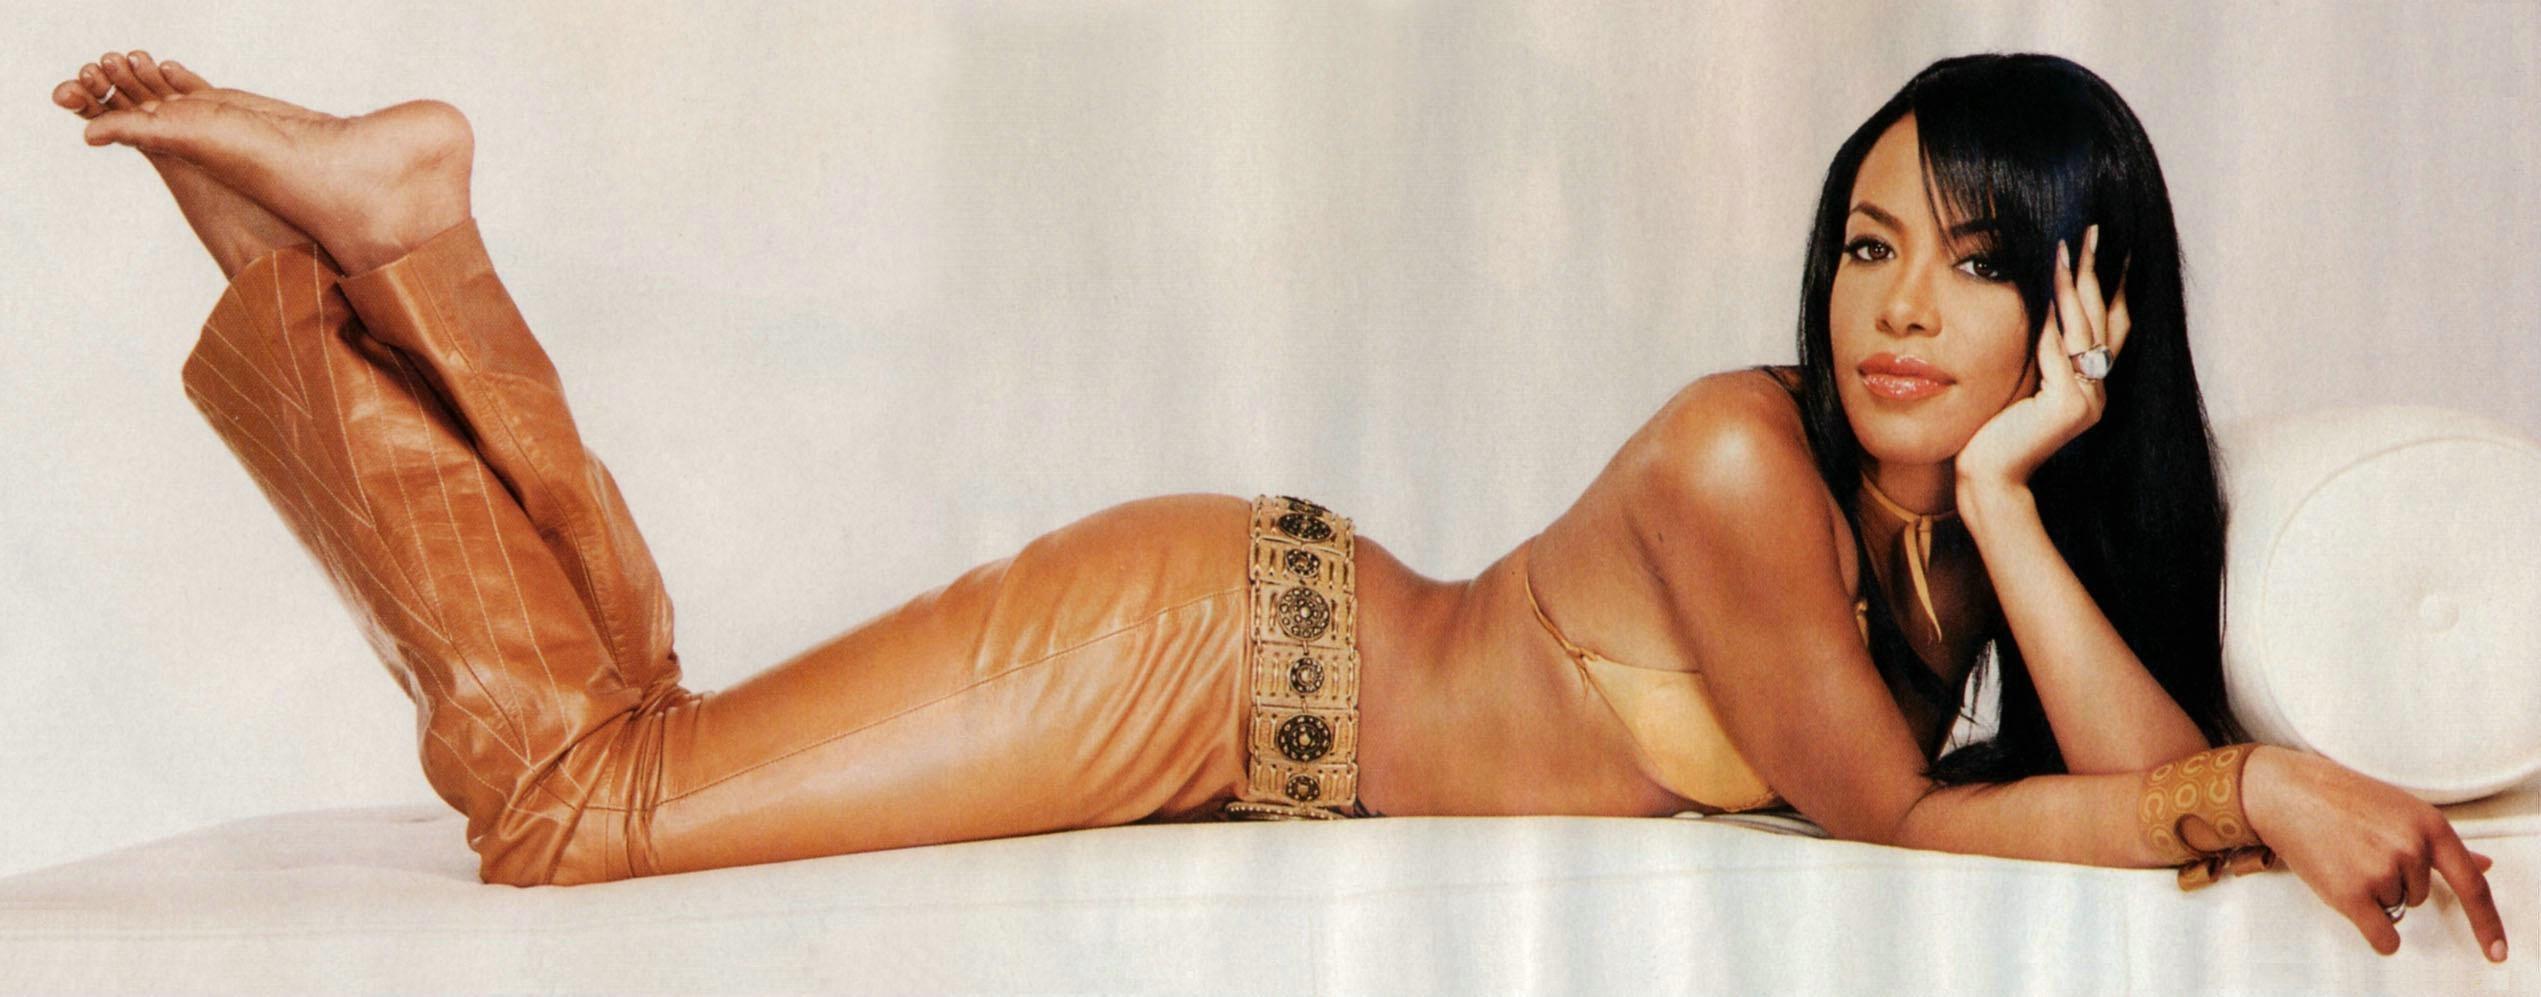 latin hot woman